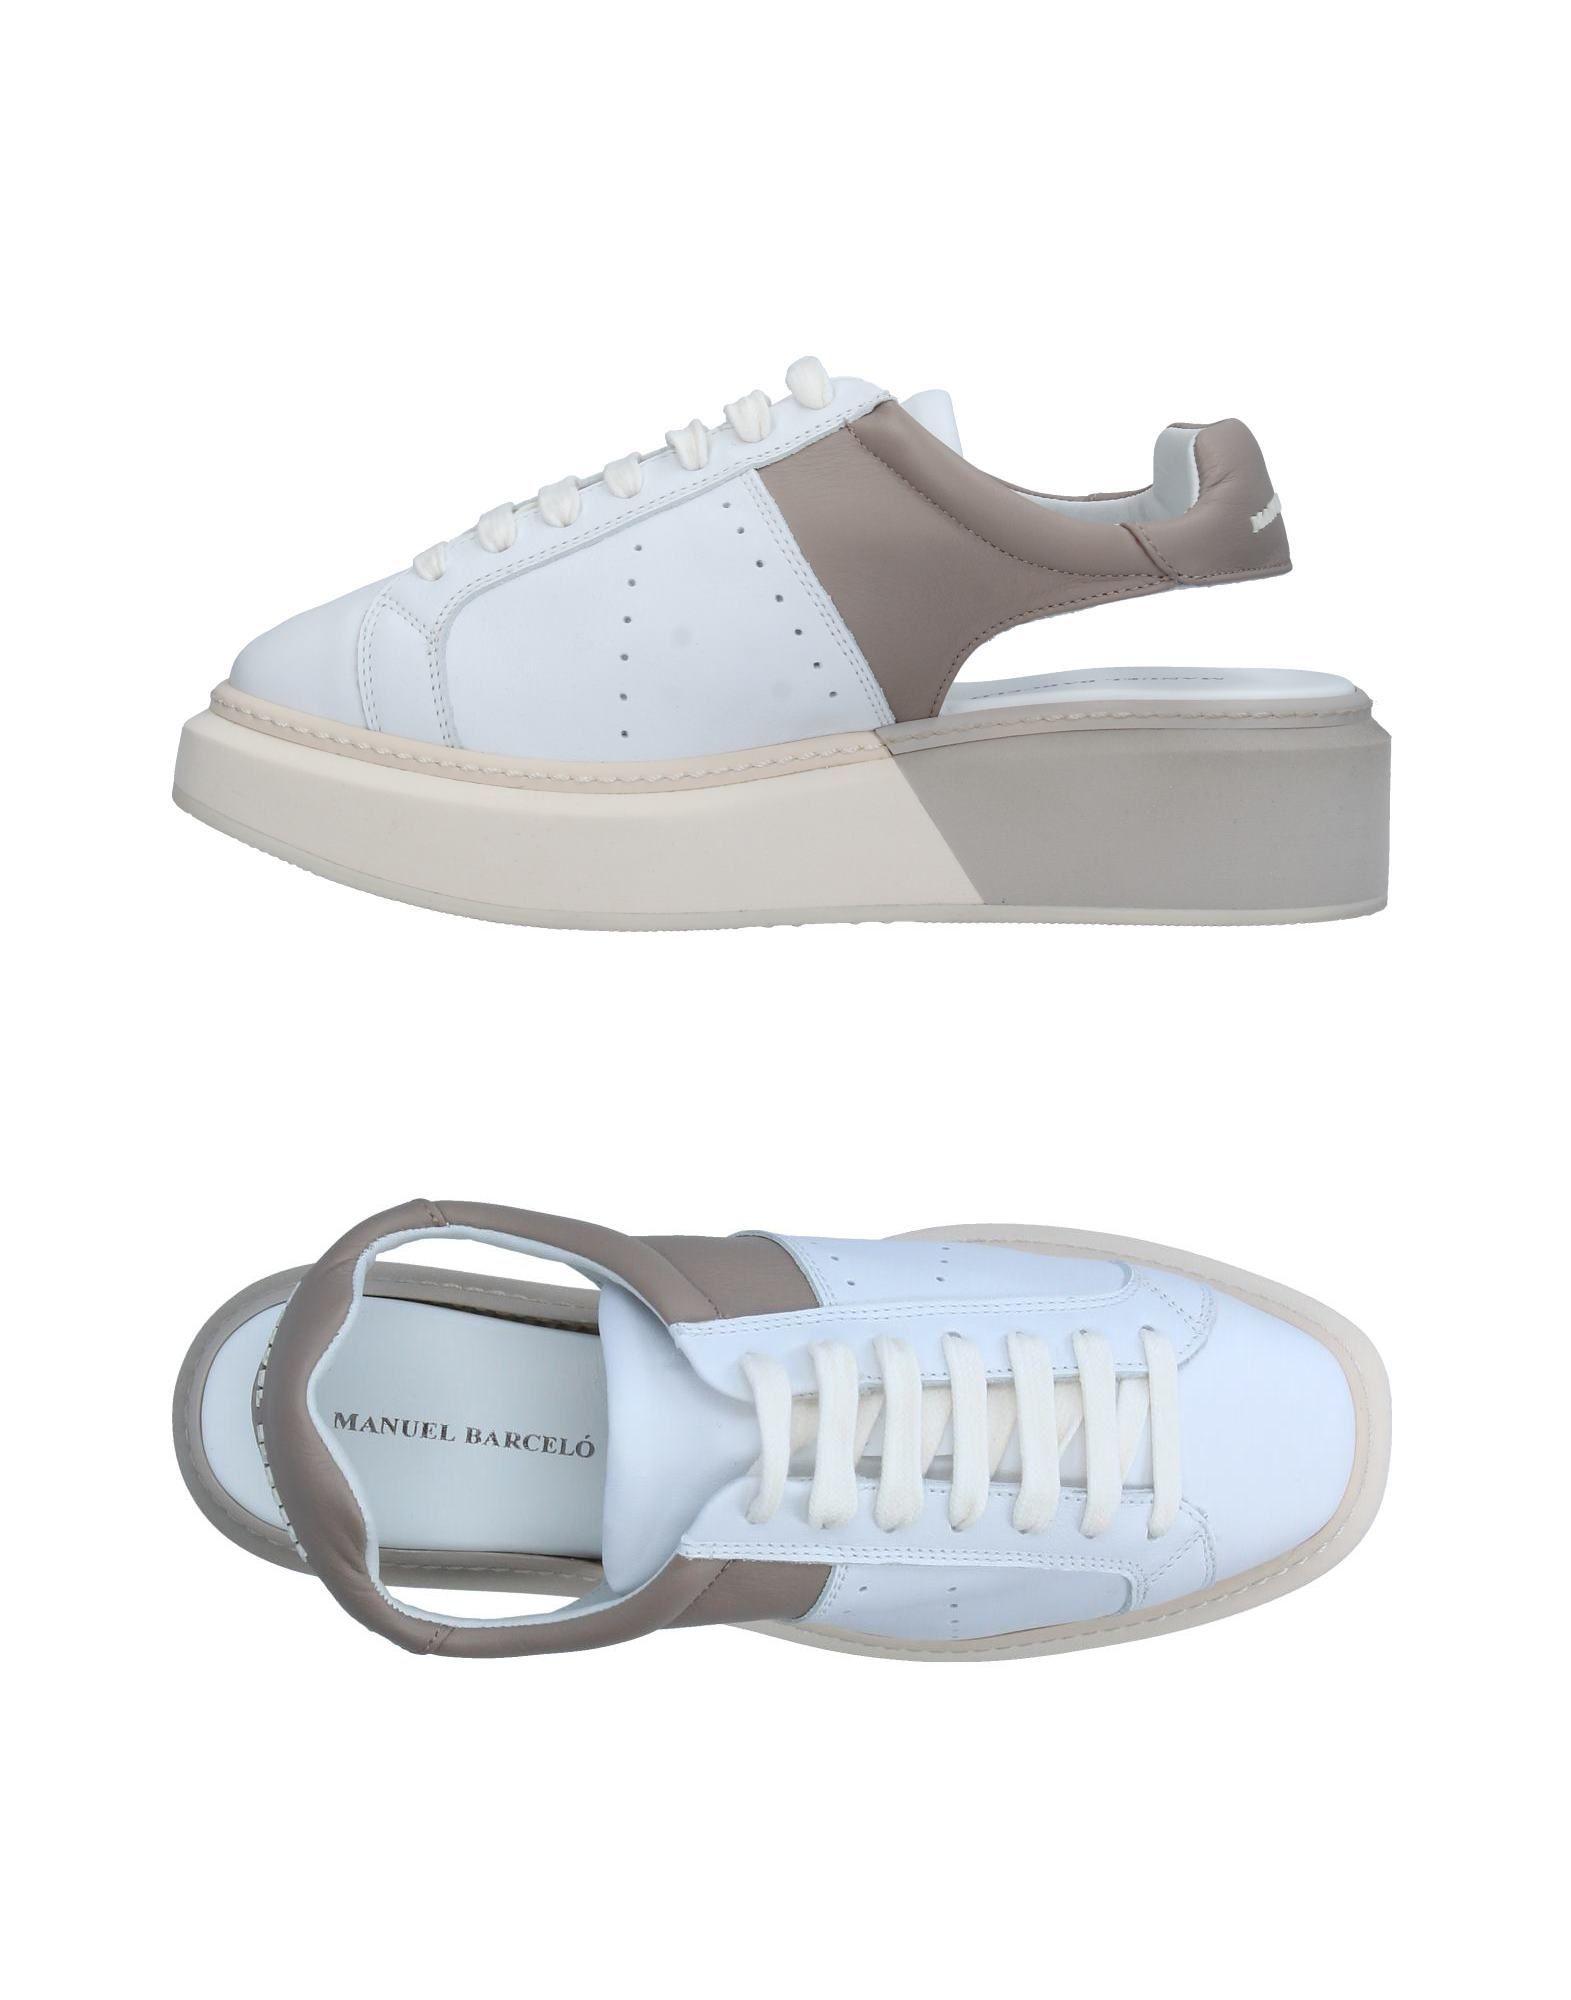 Manuel Barceló Sneakers Damen  11332063KT Gute Qualität beliebte Schuhe